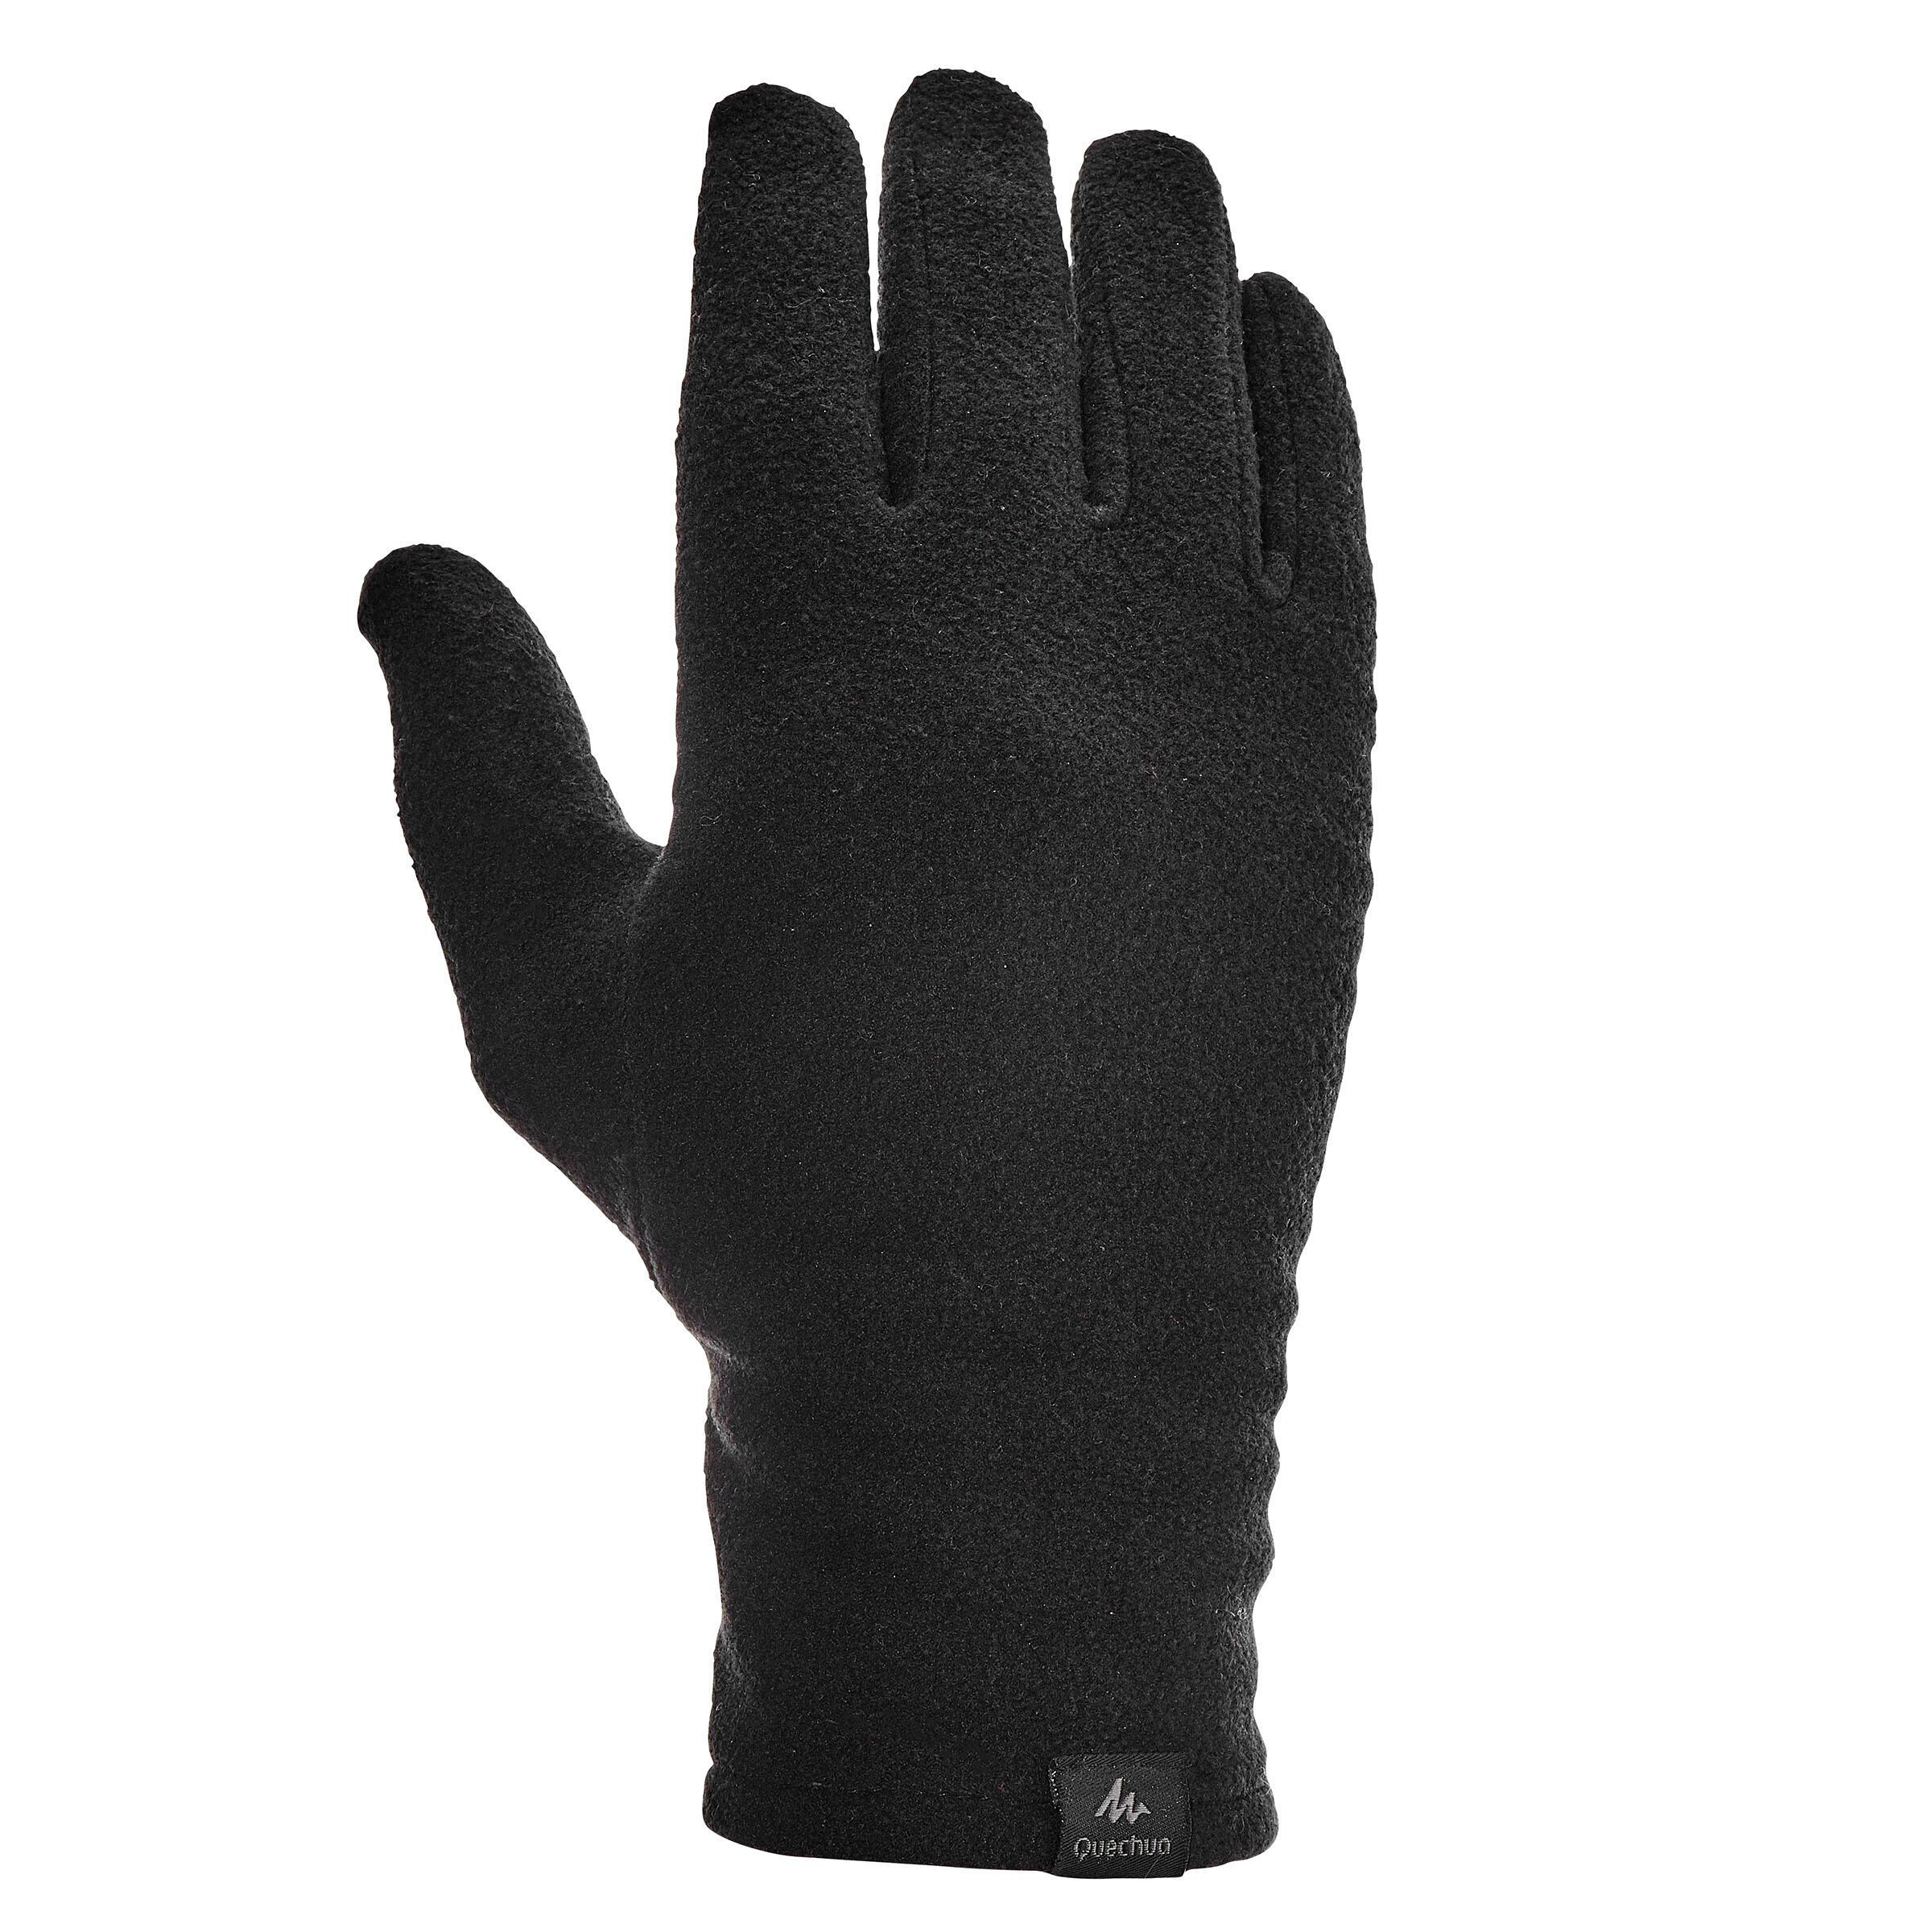 Sous-gant trekking montagne TREK 100 polaire adulte noir - Forclaz